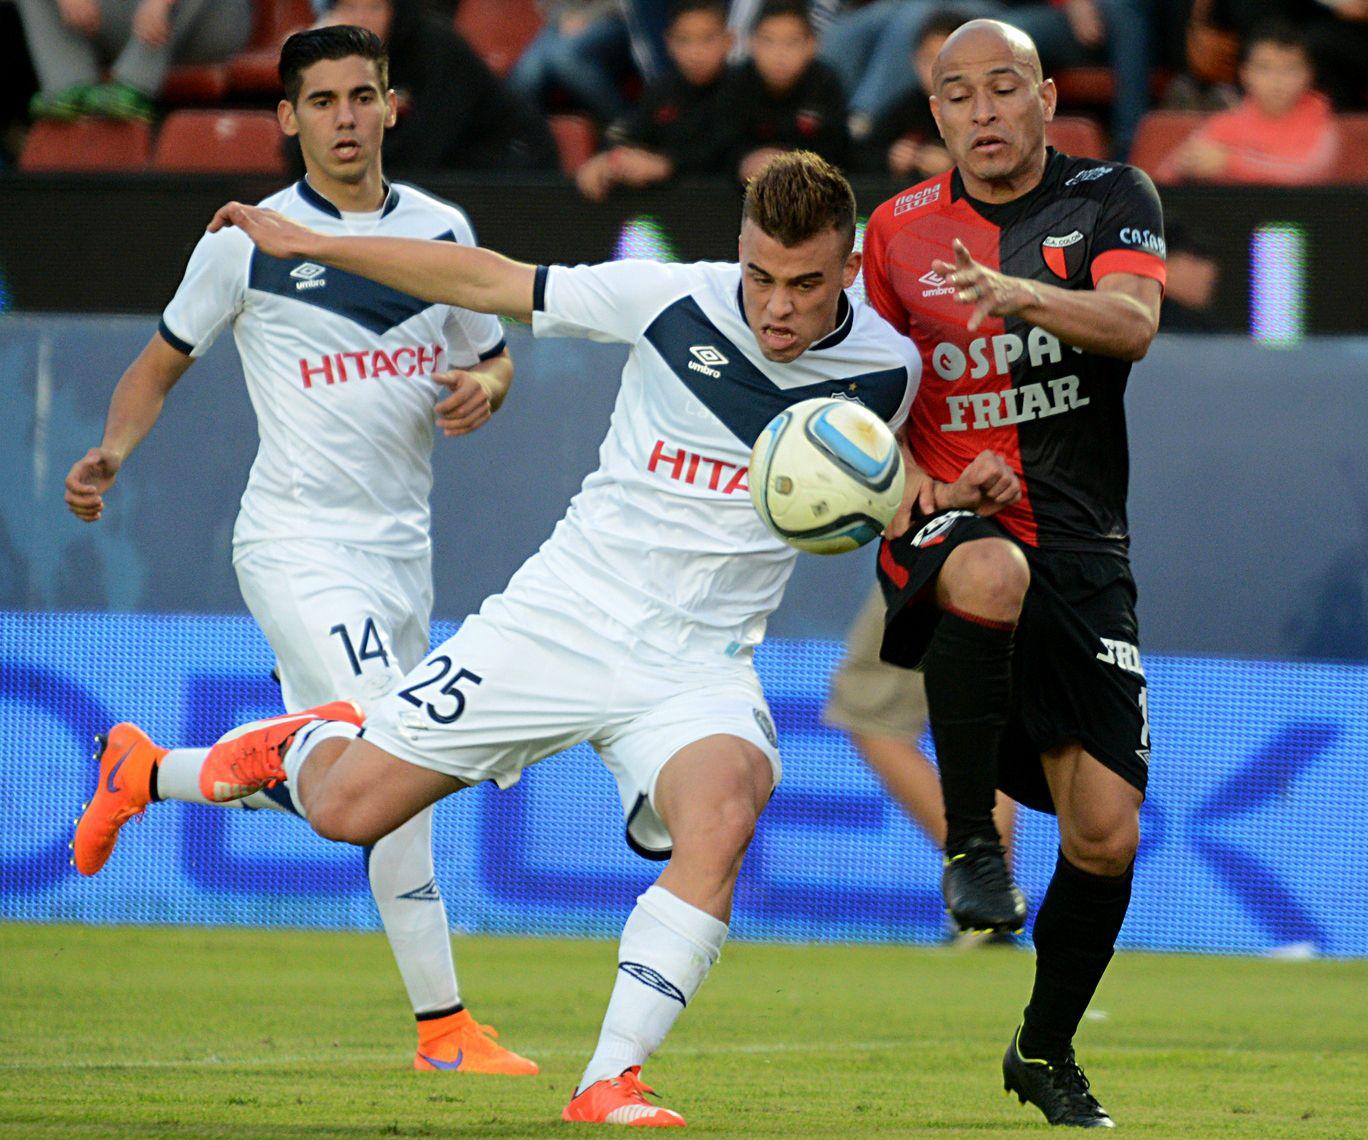 El volante velezano Compagnucci lucha por la pelota con el lateral Rodríguez.